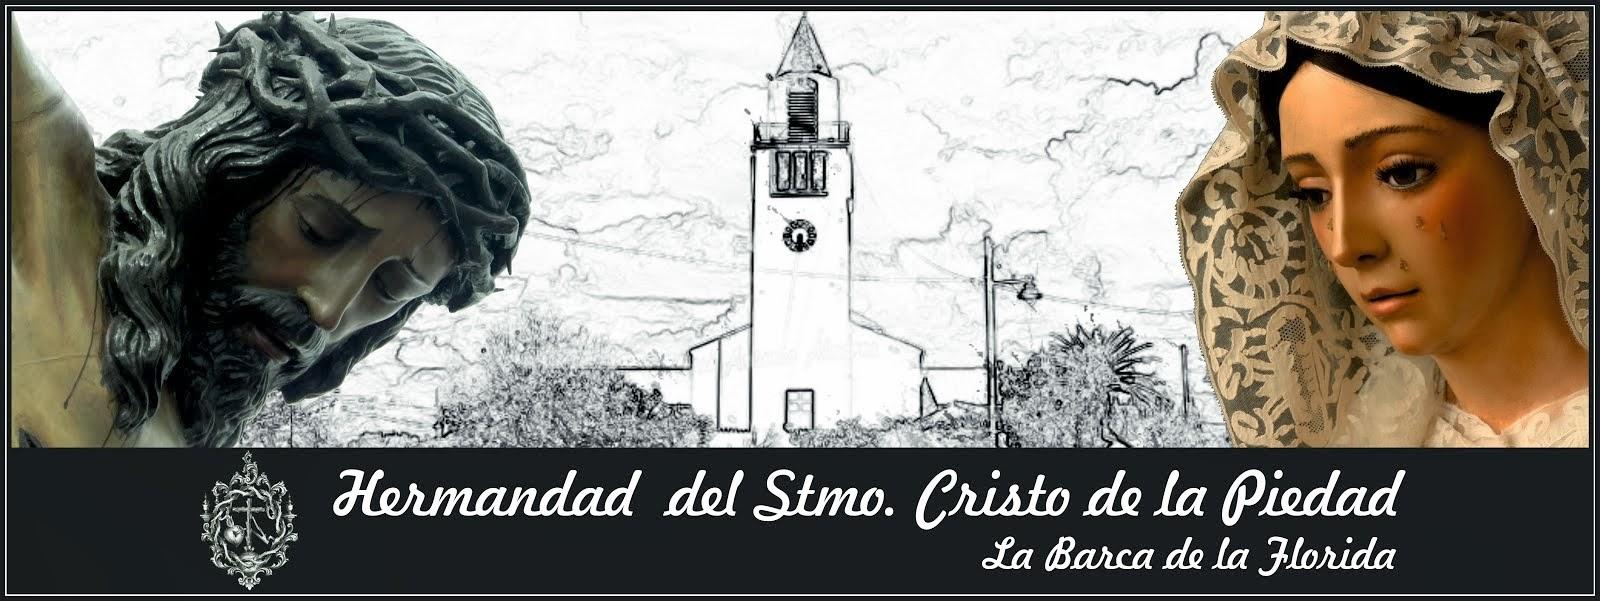 Hermandad Cristo de la Piedad La Barca de la Florida